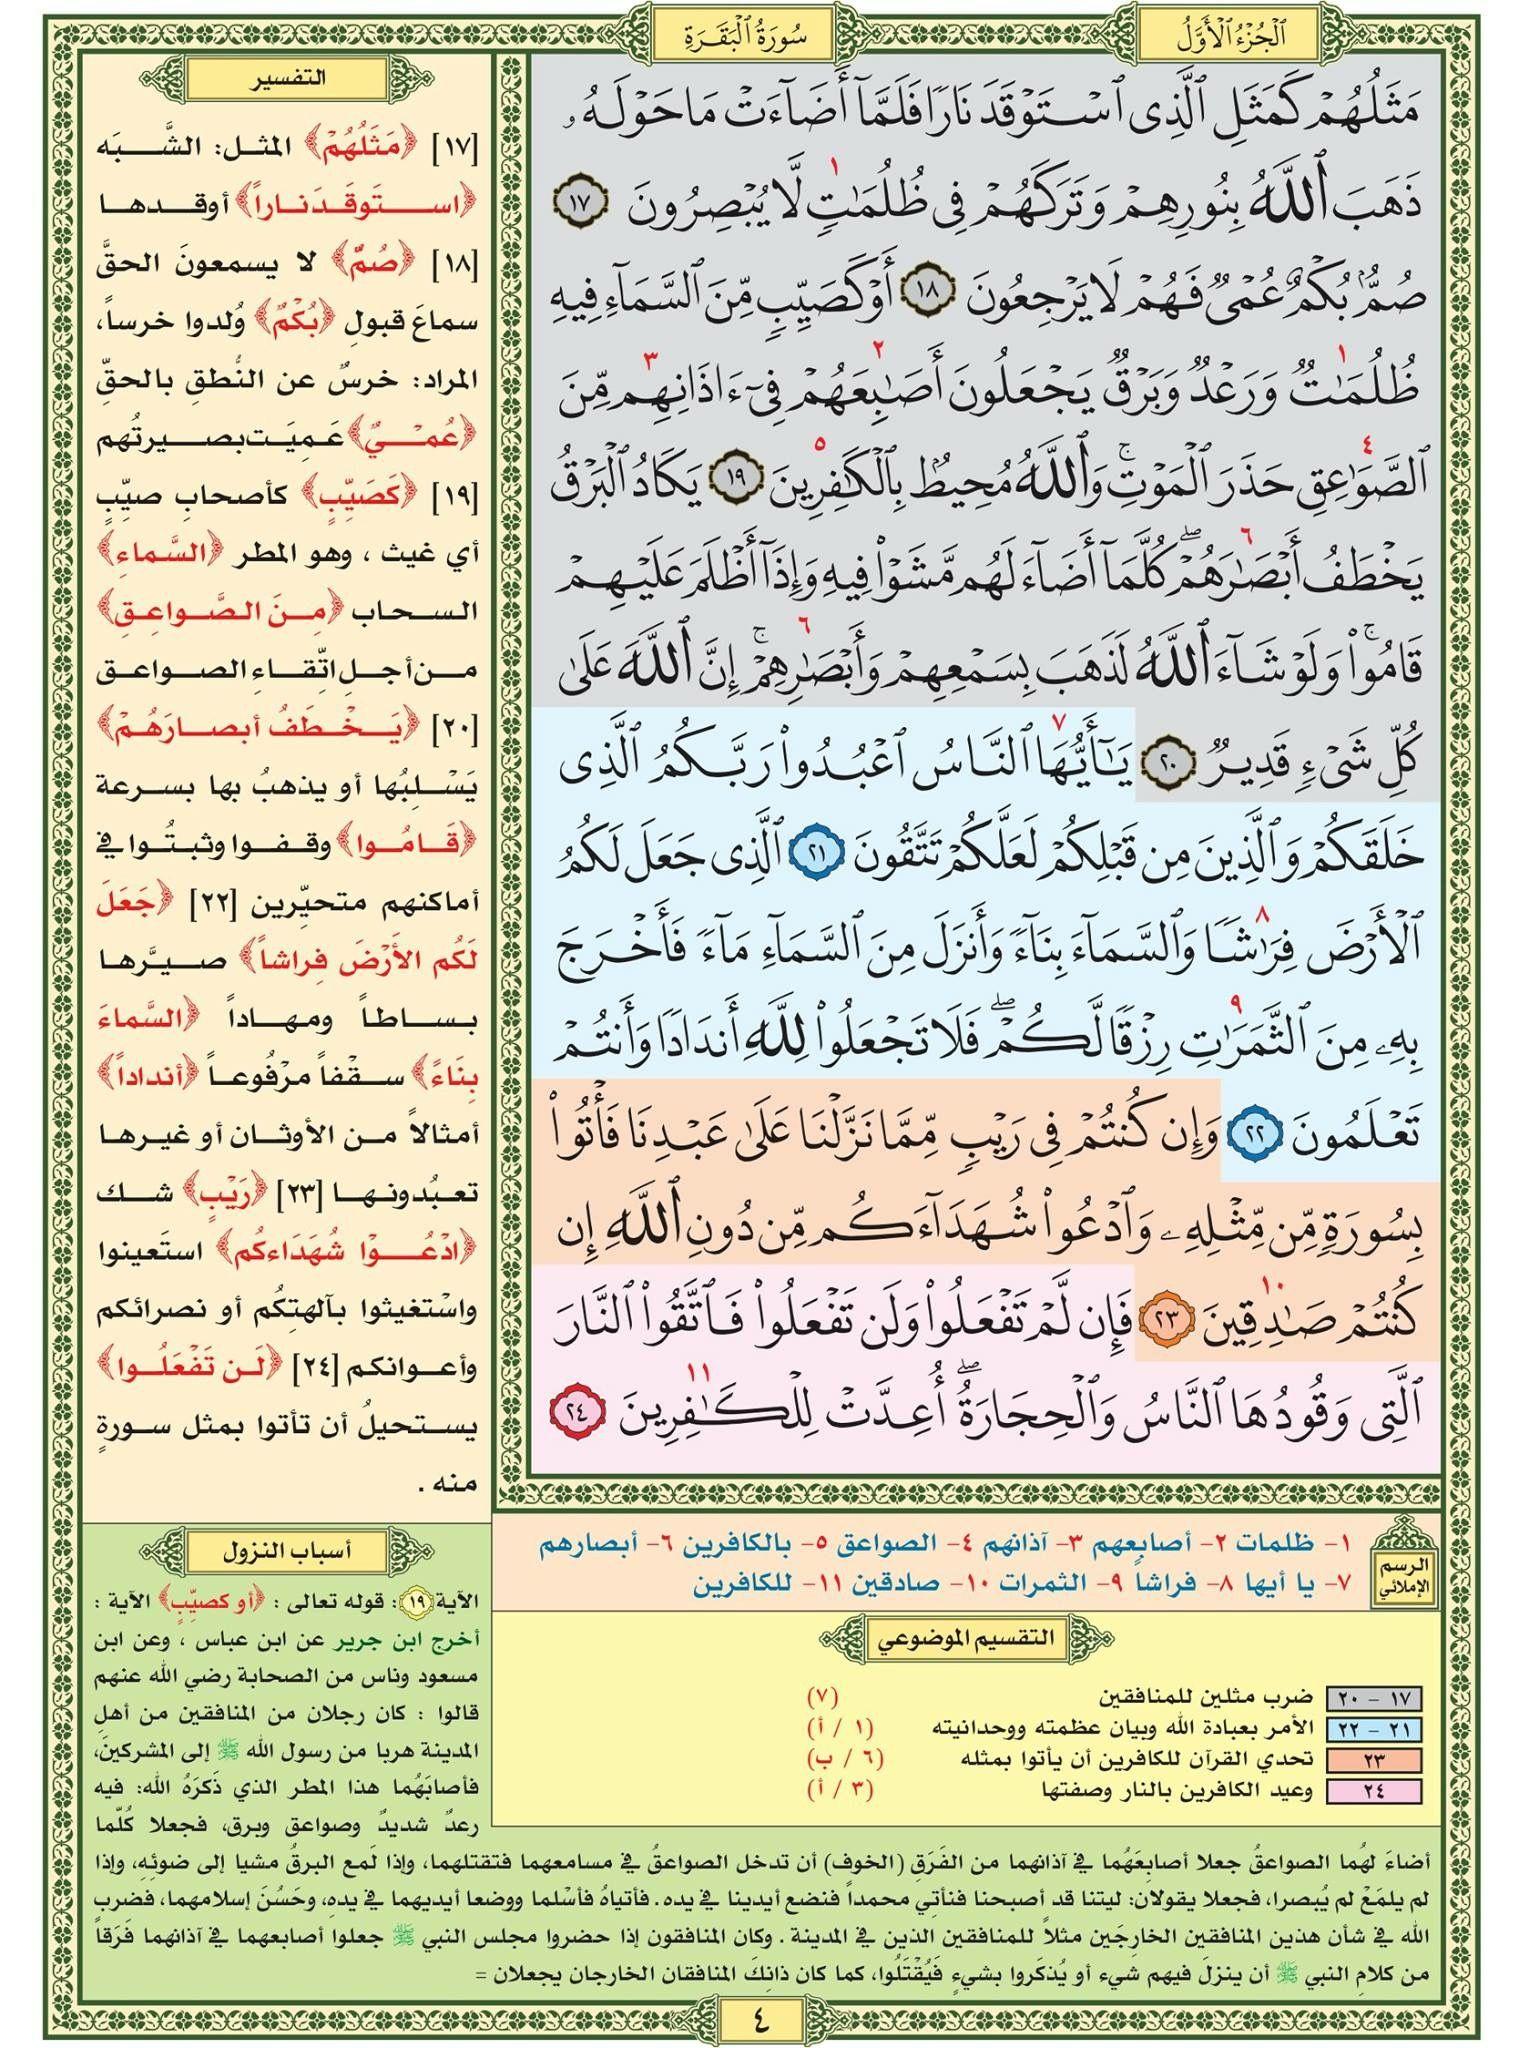 سورة البقرة صفحة رقم ٤ مصحف التقسيم الموضوعي للحافظ المتقن Quran Verses Noble Quran Quran